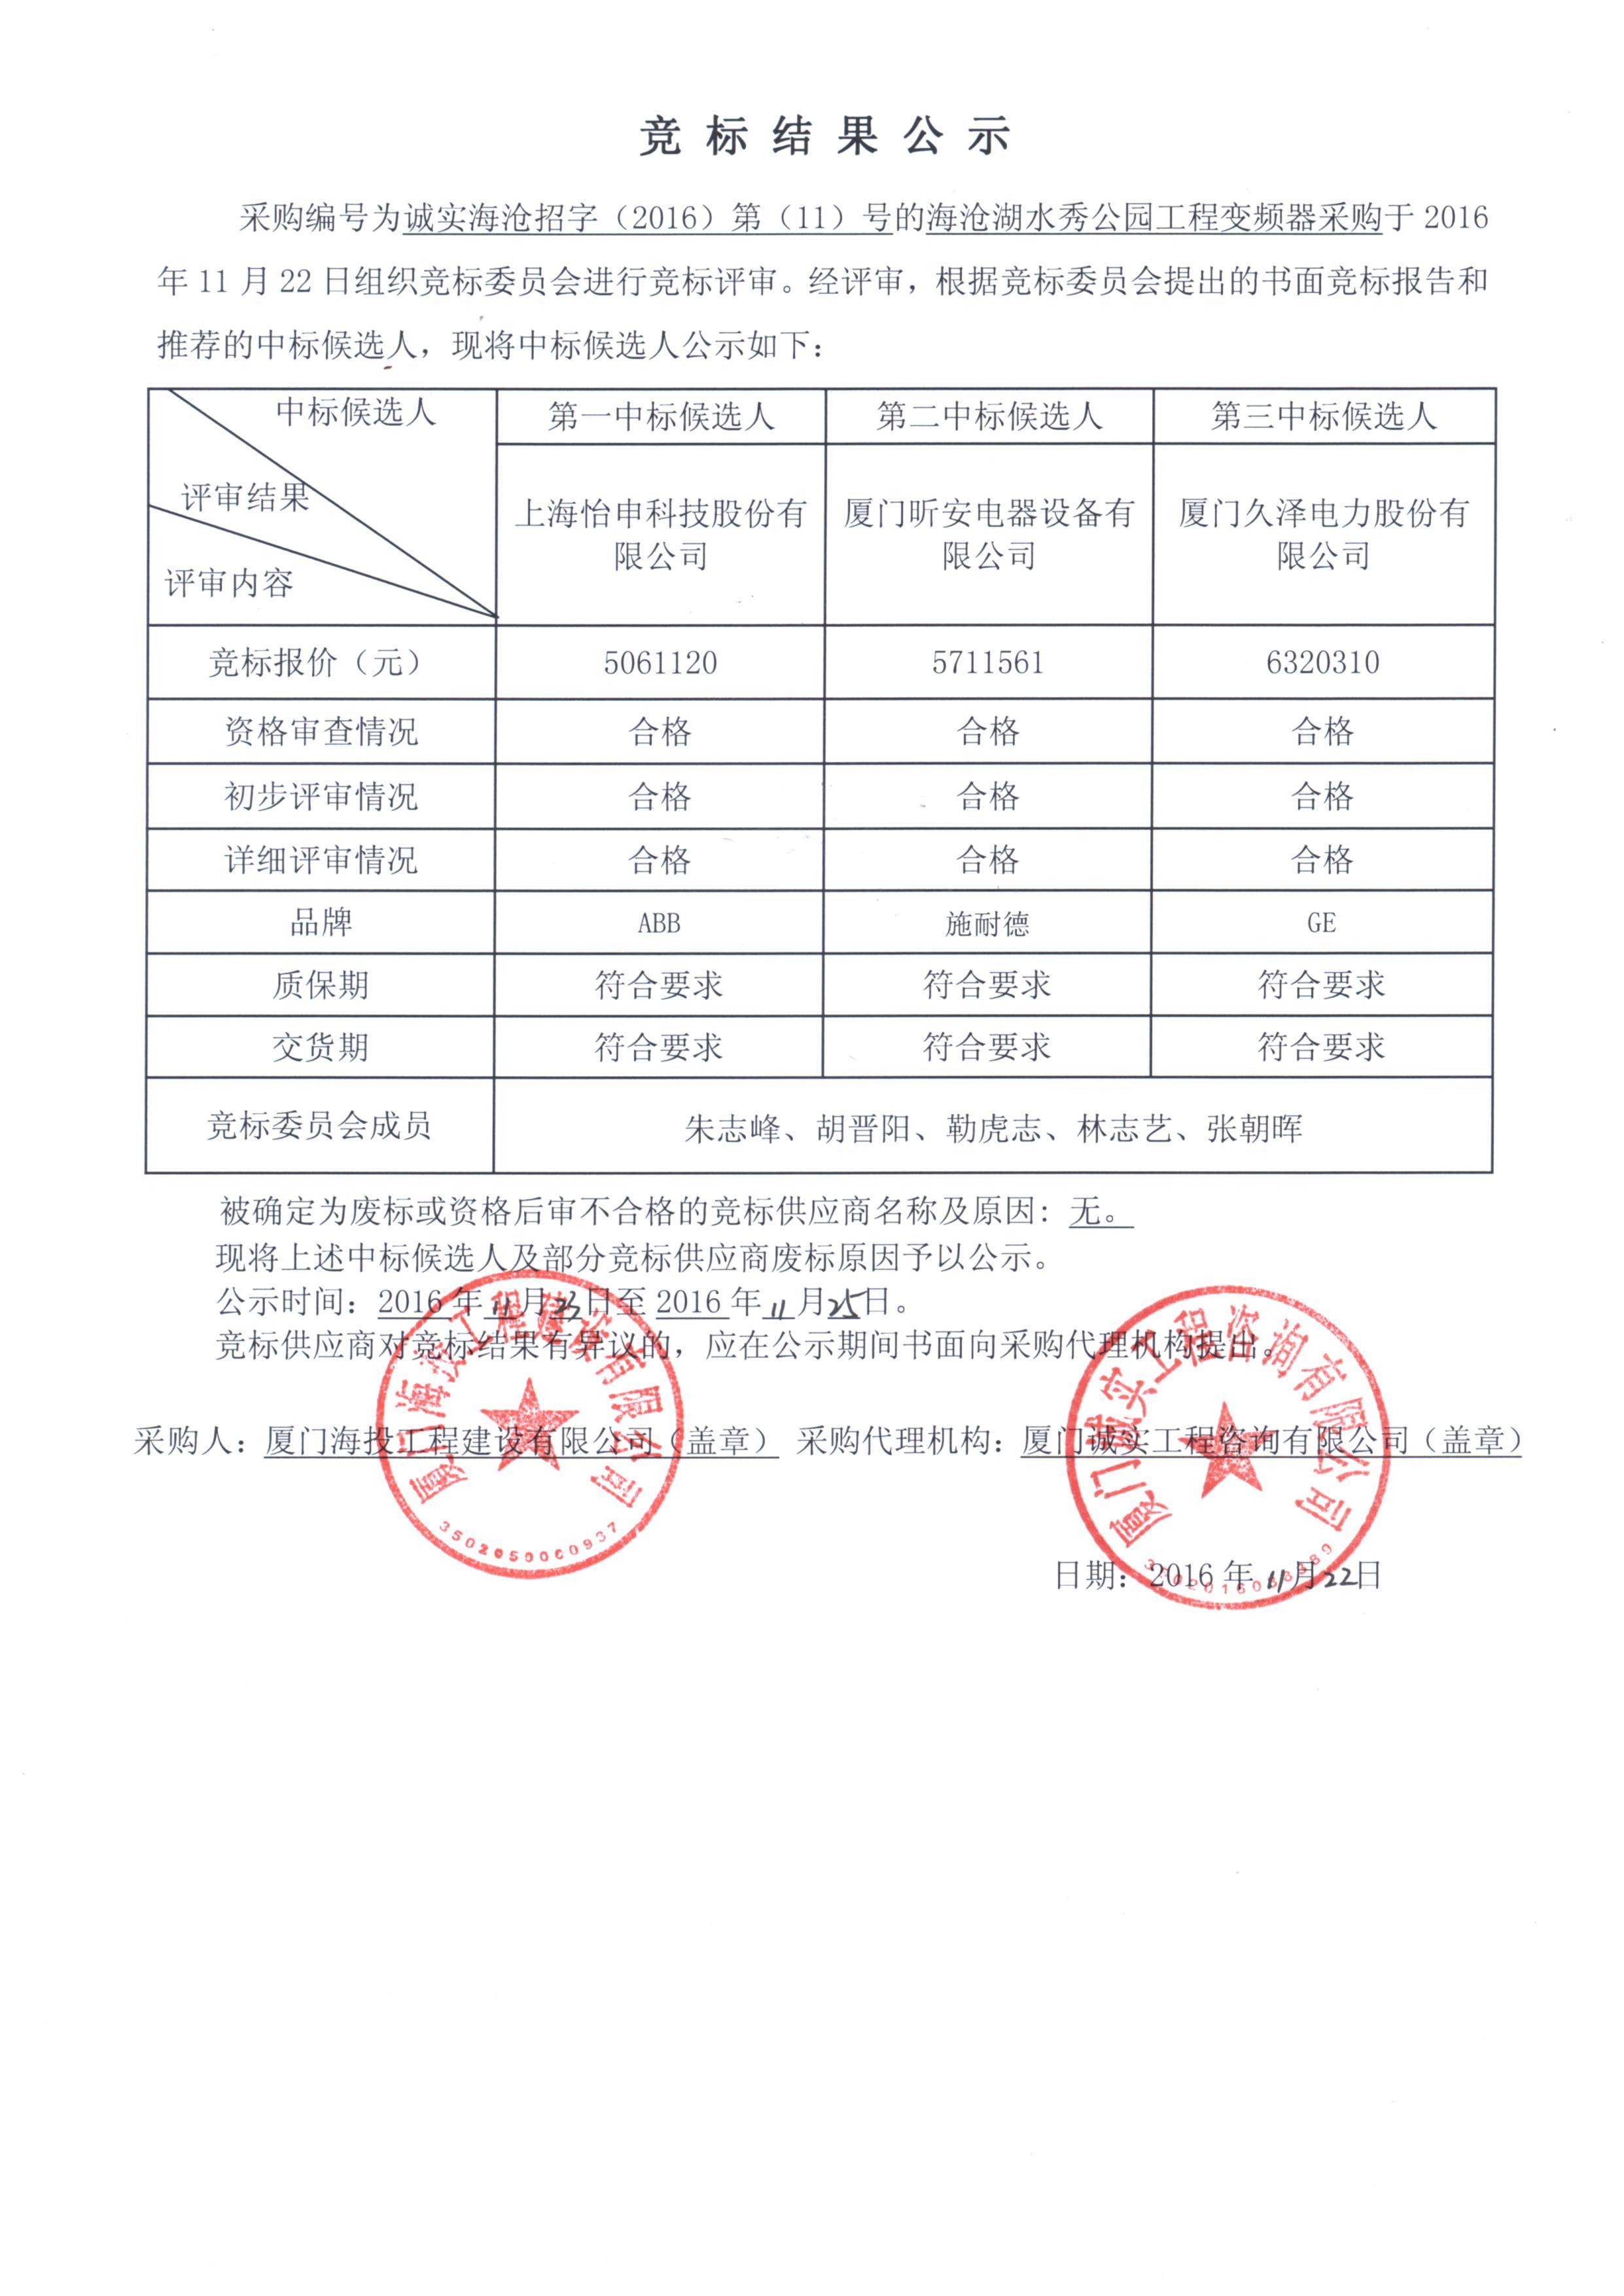 海沧湖水秀公园工程变频器采购竞标结果公示.jpg